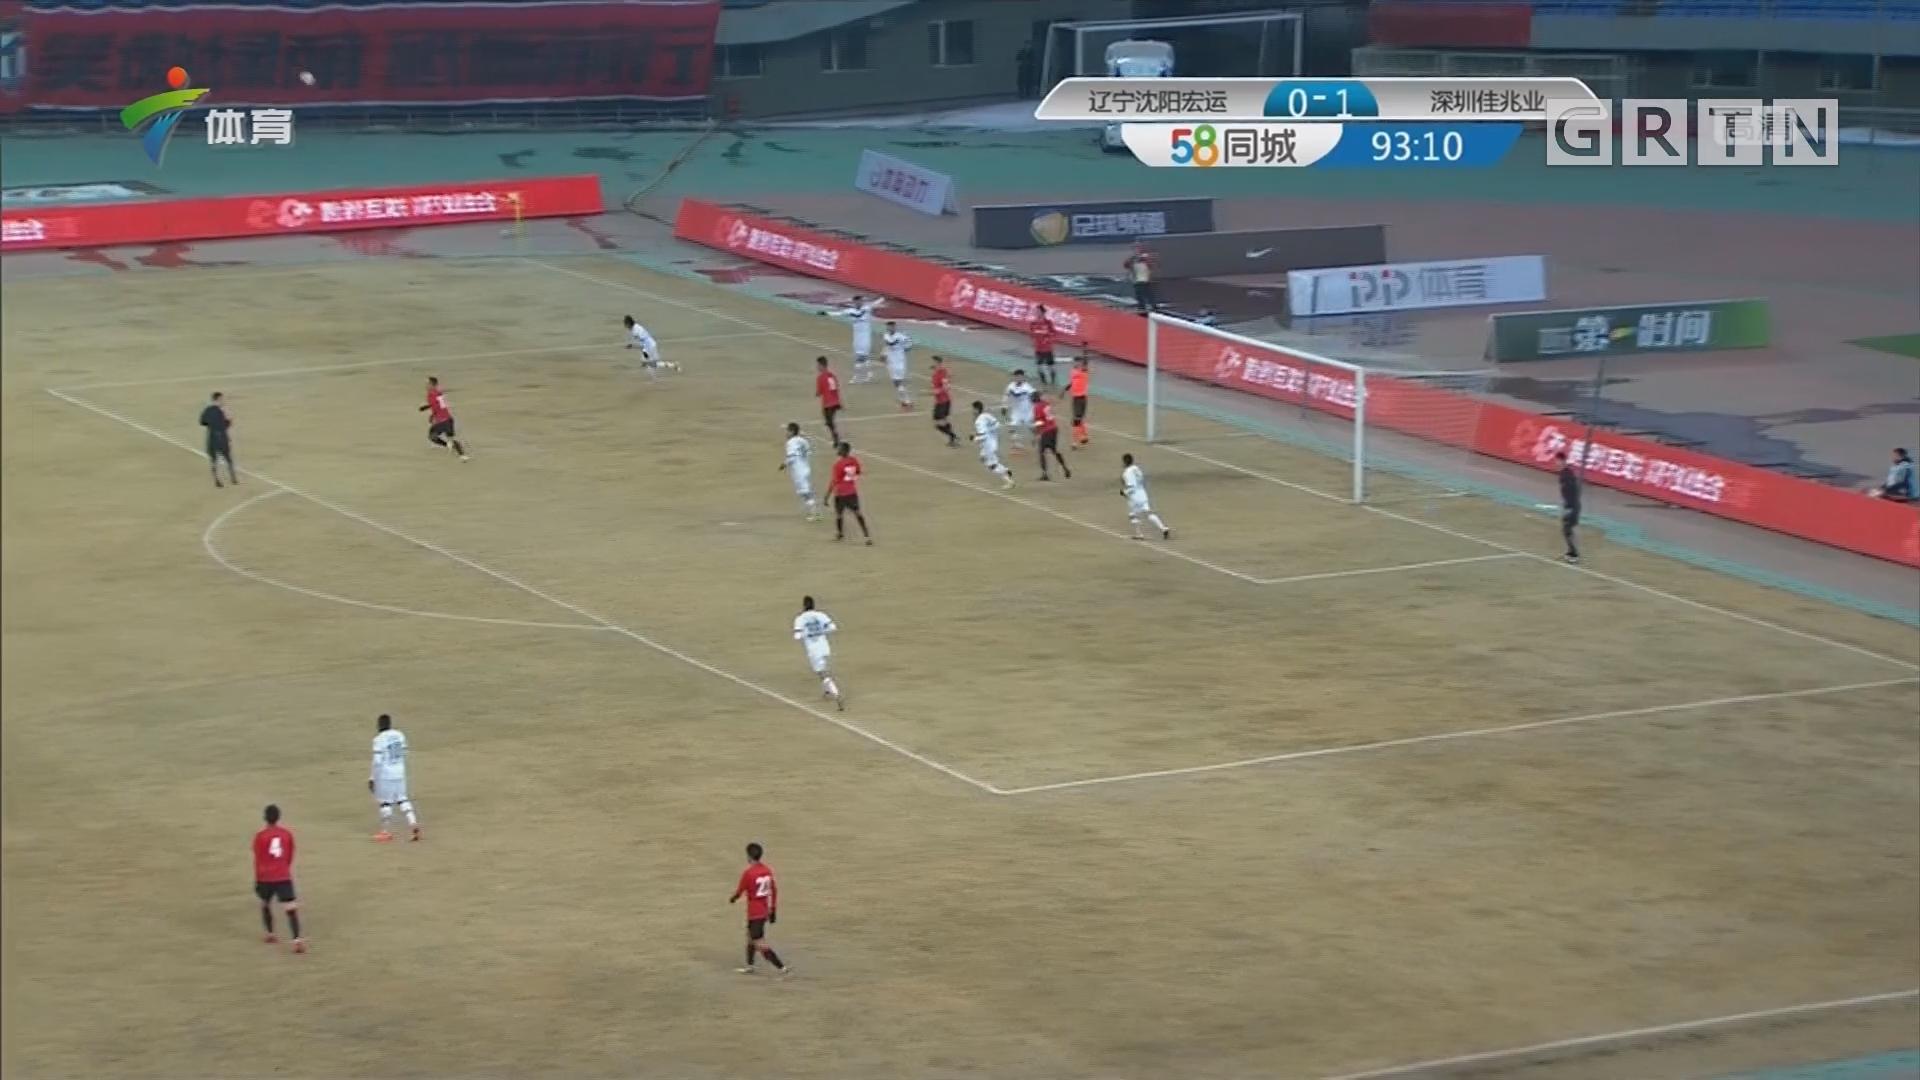 叶楚贵世界波 深圳佳兆业迎赛季首胜